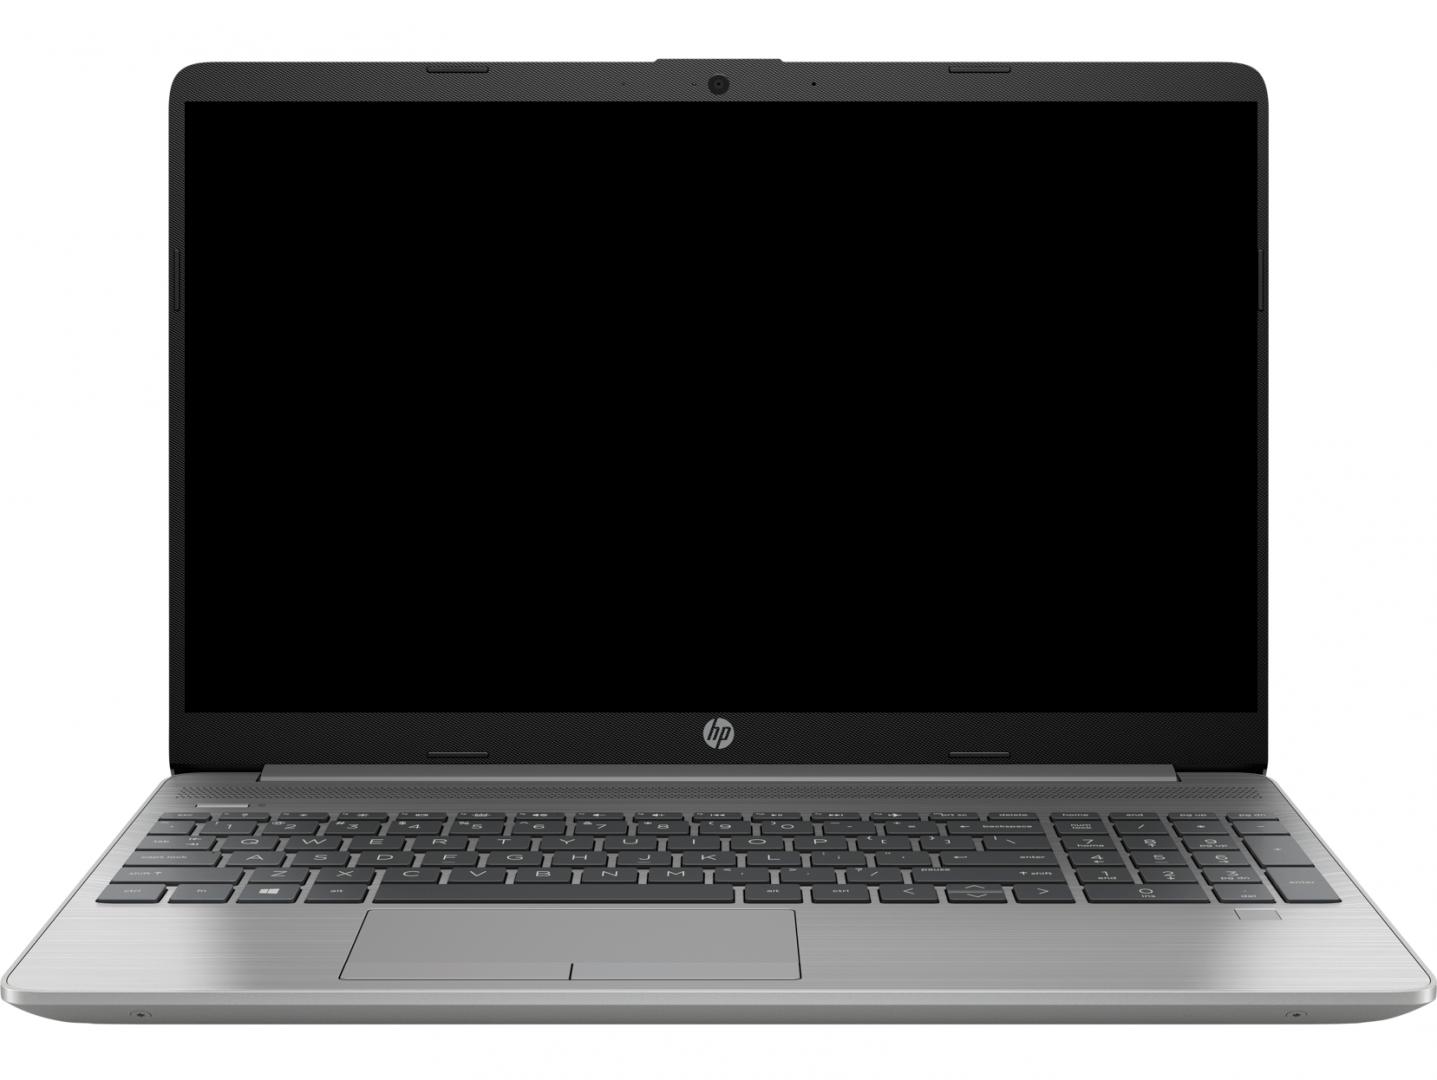 """NOTEBOOK HP 250G8 15.6"""" HD i3-1005G1 4GB 256GB UMA DOS - imaginea 1"""